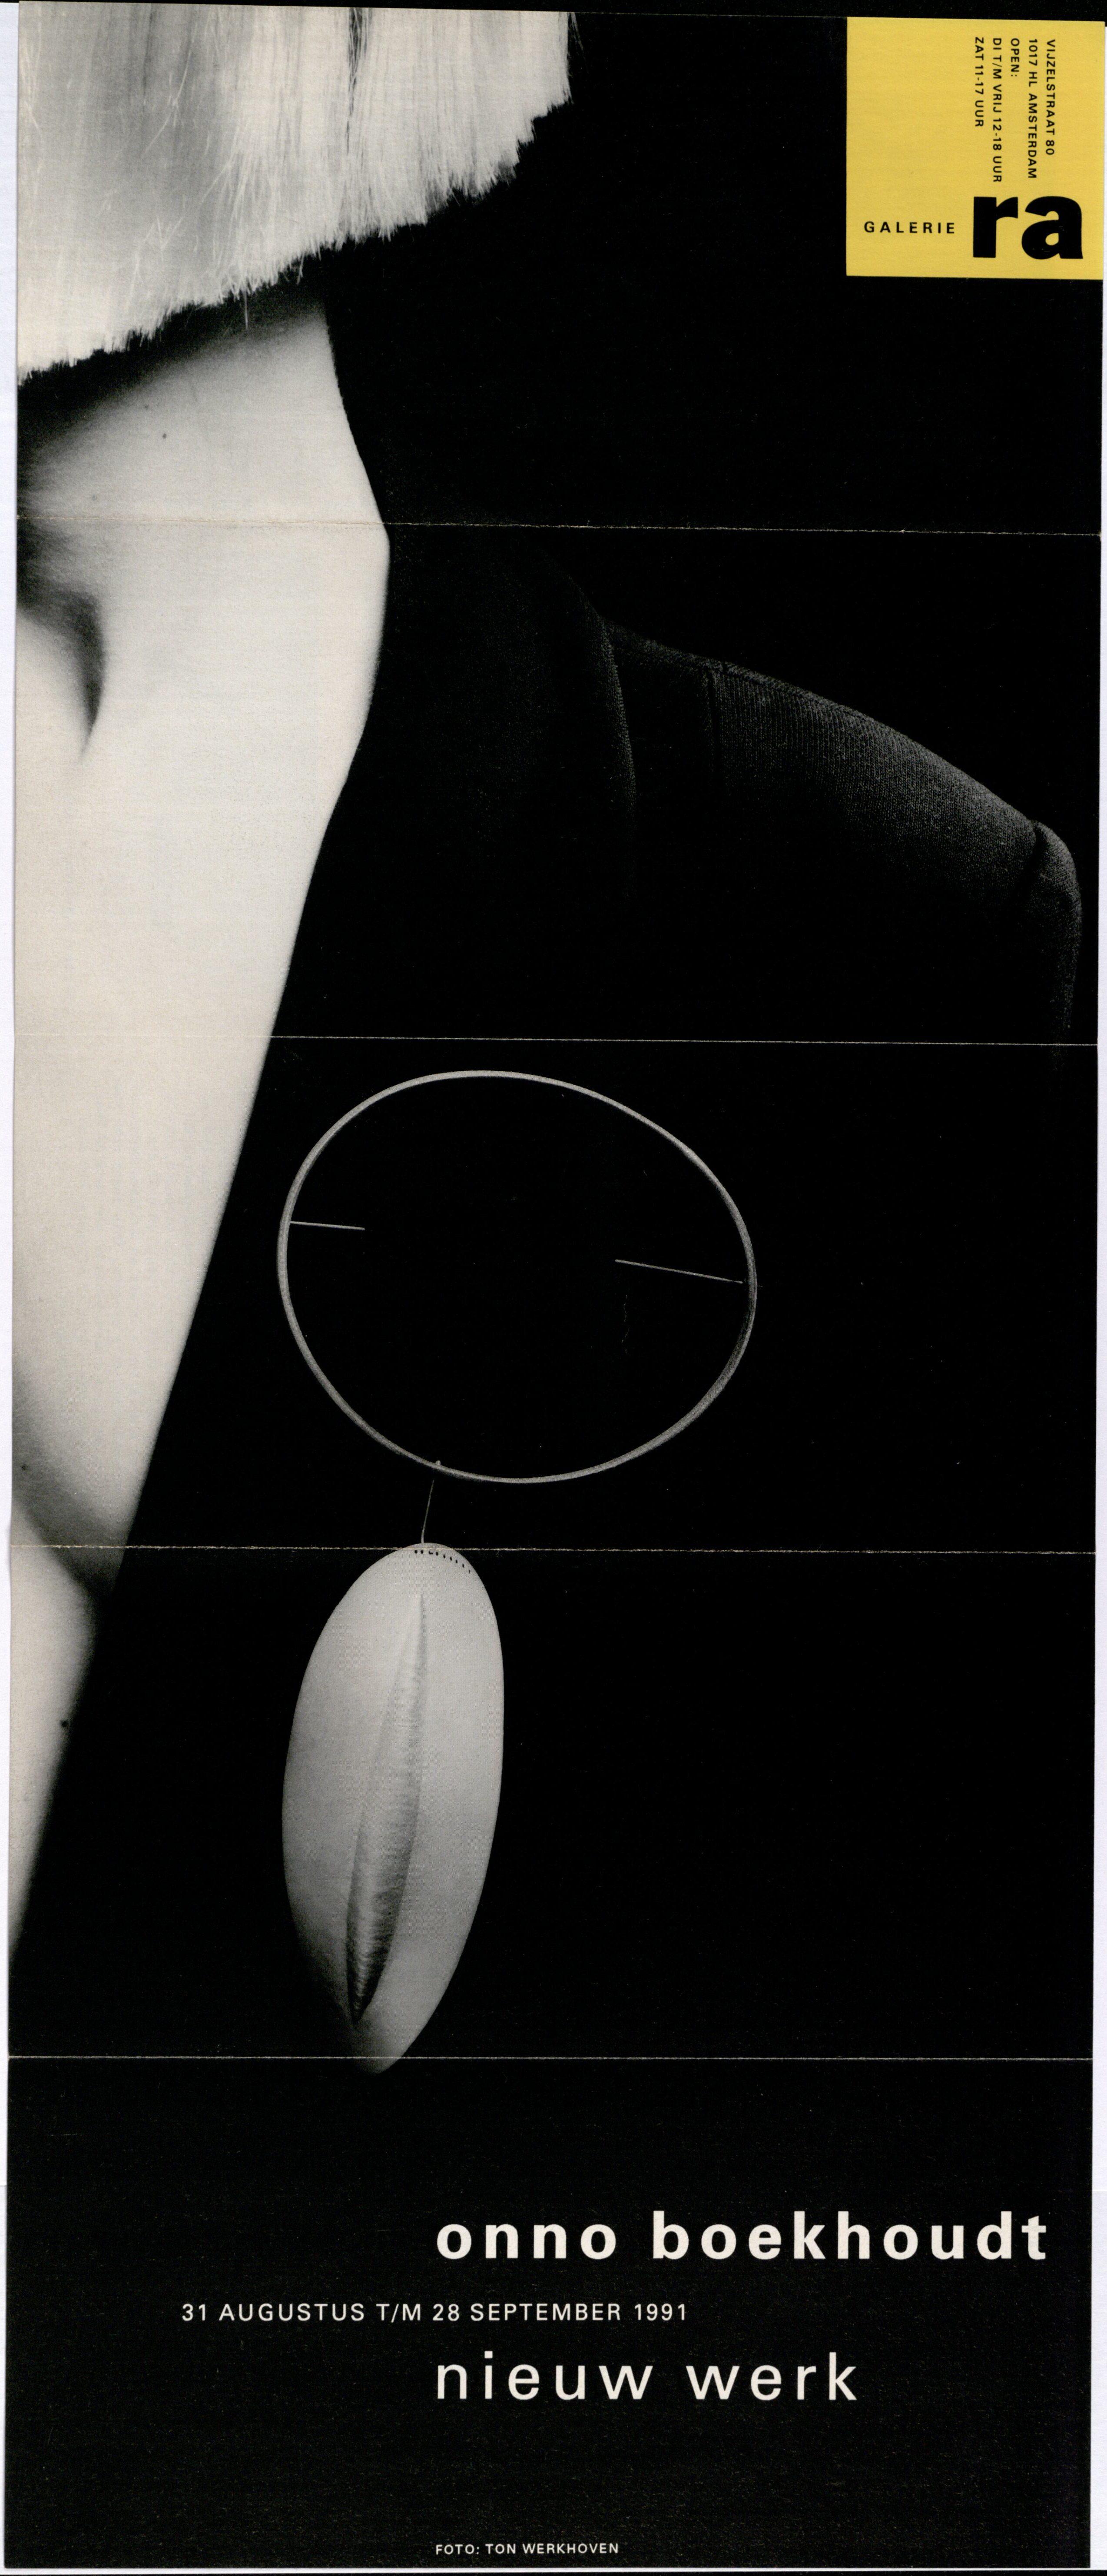 Ra Bulletin 63, september 1991, voorzijde met foto van Ton Werkhoven met broche van Onno Boekhoudt, drukwerk, paier, metaal